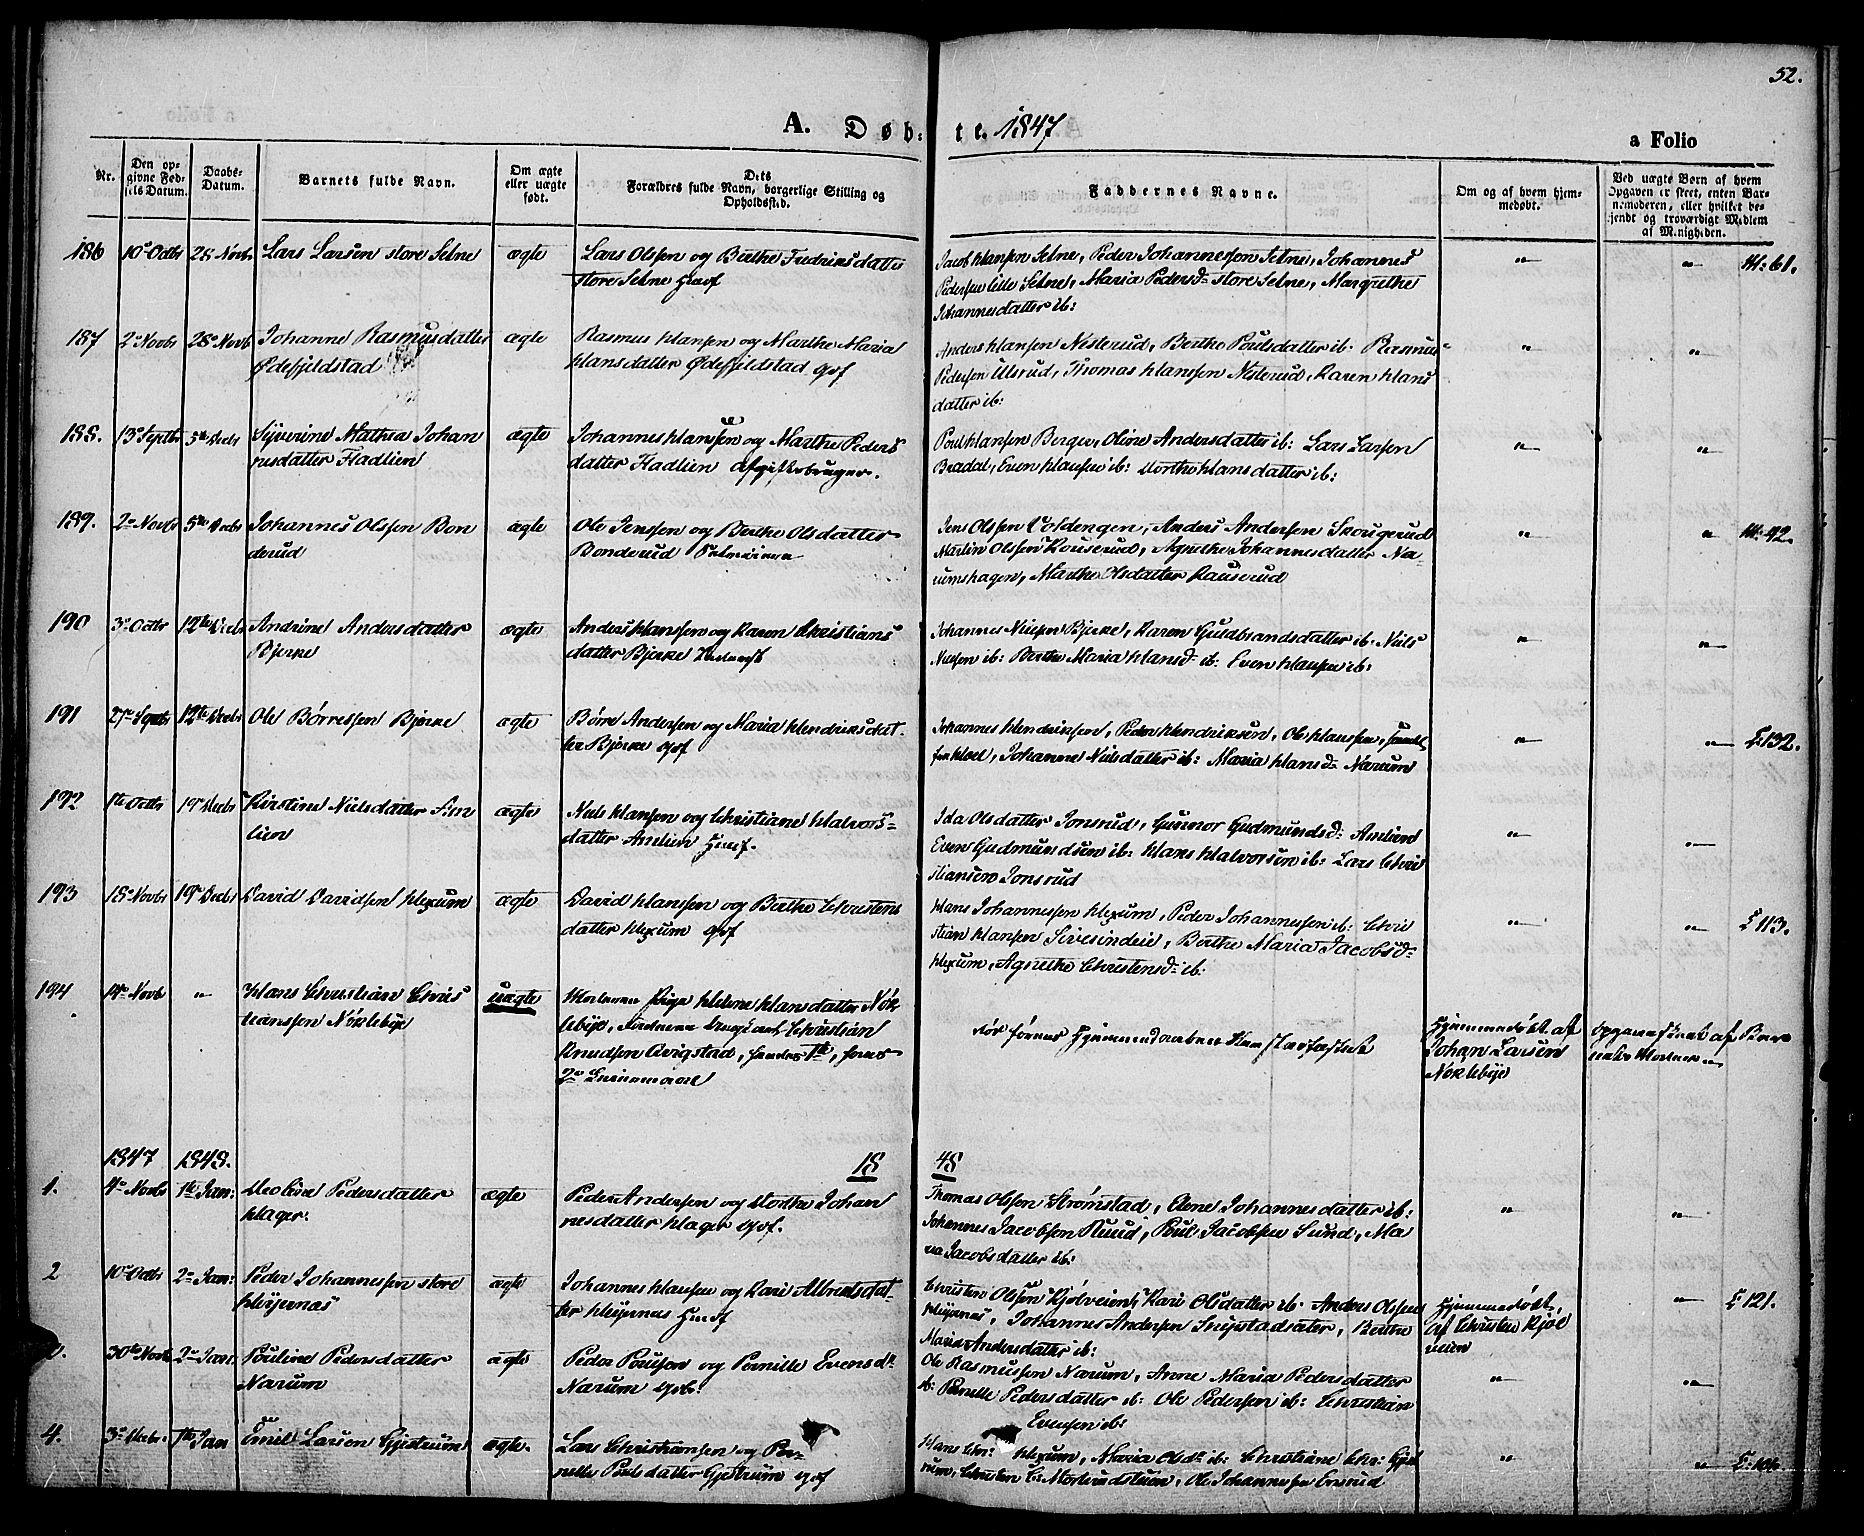 SAH, Vestre Toten prestekontor, Ministerialbok nr. 4, 1844-1849, s. 52